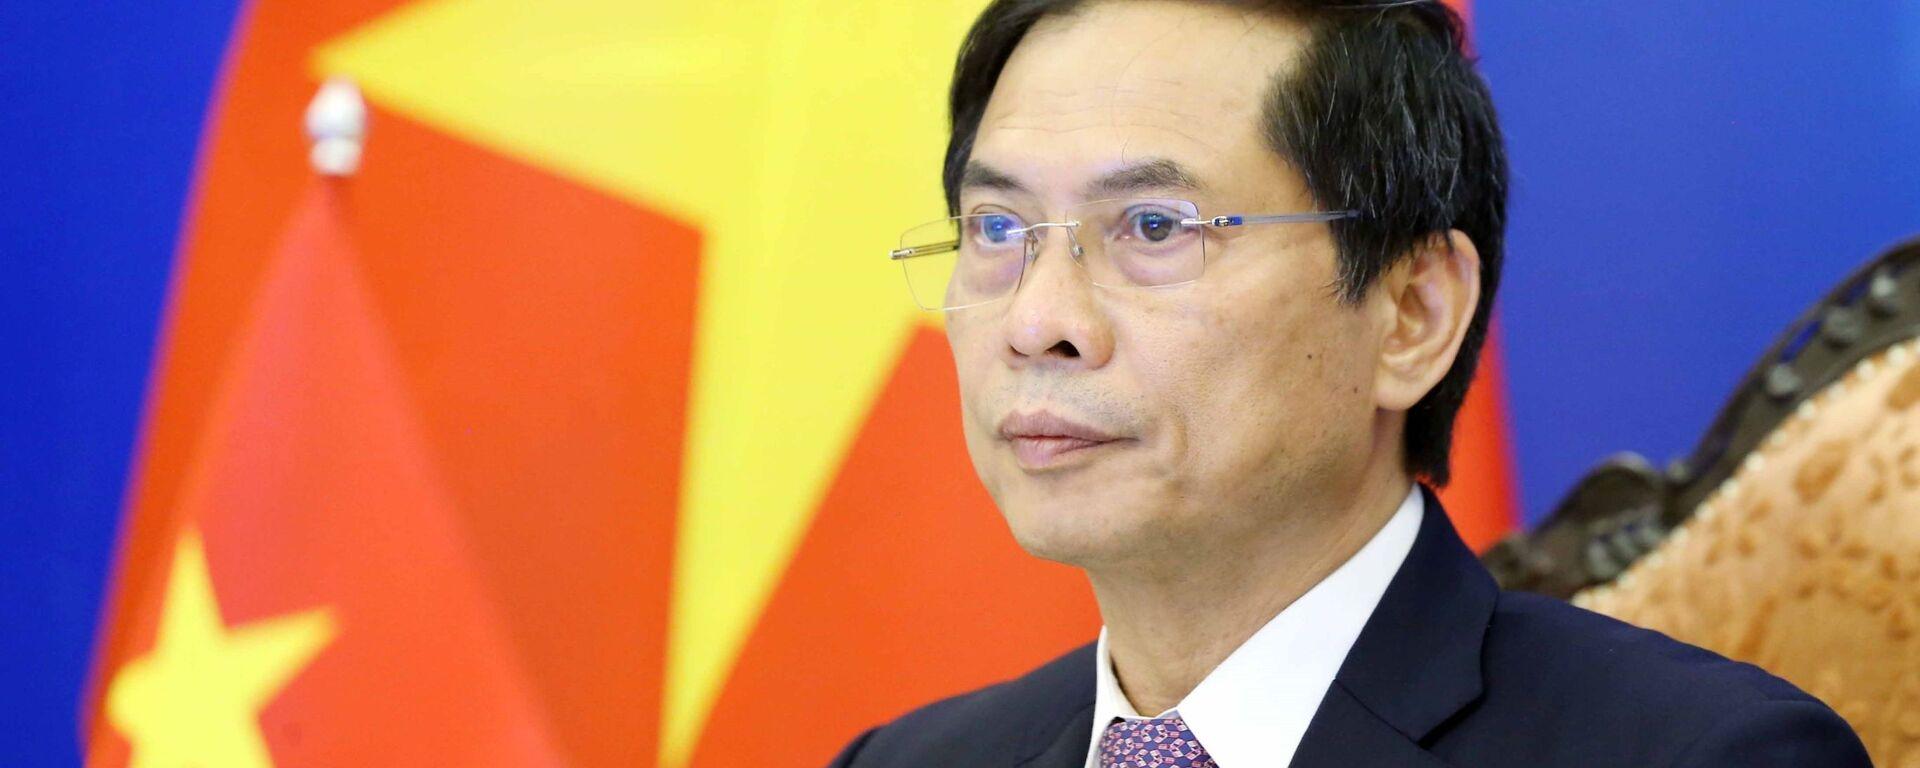 Bộ trưởng Bộ Ngoại giao Bùi Thanh Sơn dự Hội nghị Hợp tác Mekong - Nhật Bản lần thứ 14 theo hình thức trực tuyến.  - Sputnik Việt Nam, 1920, 28.09.2021